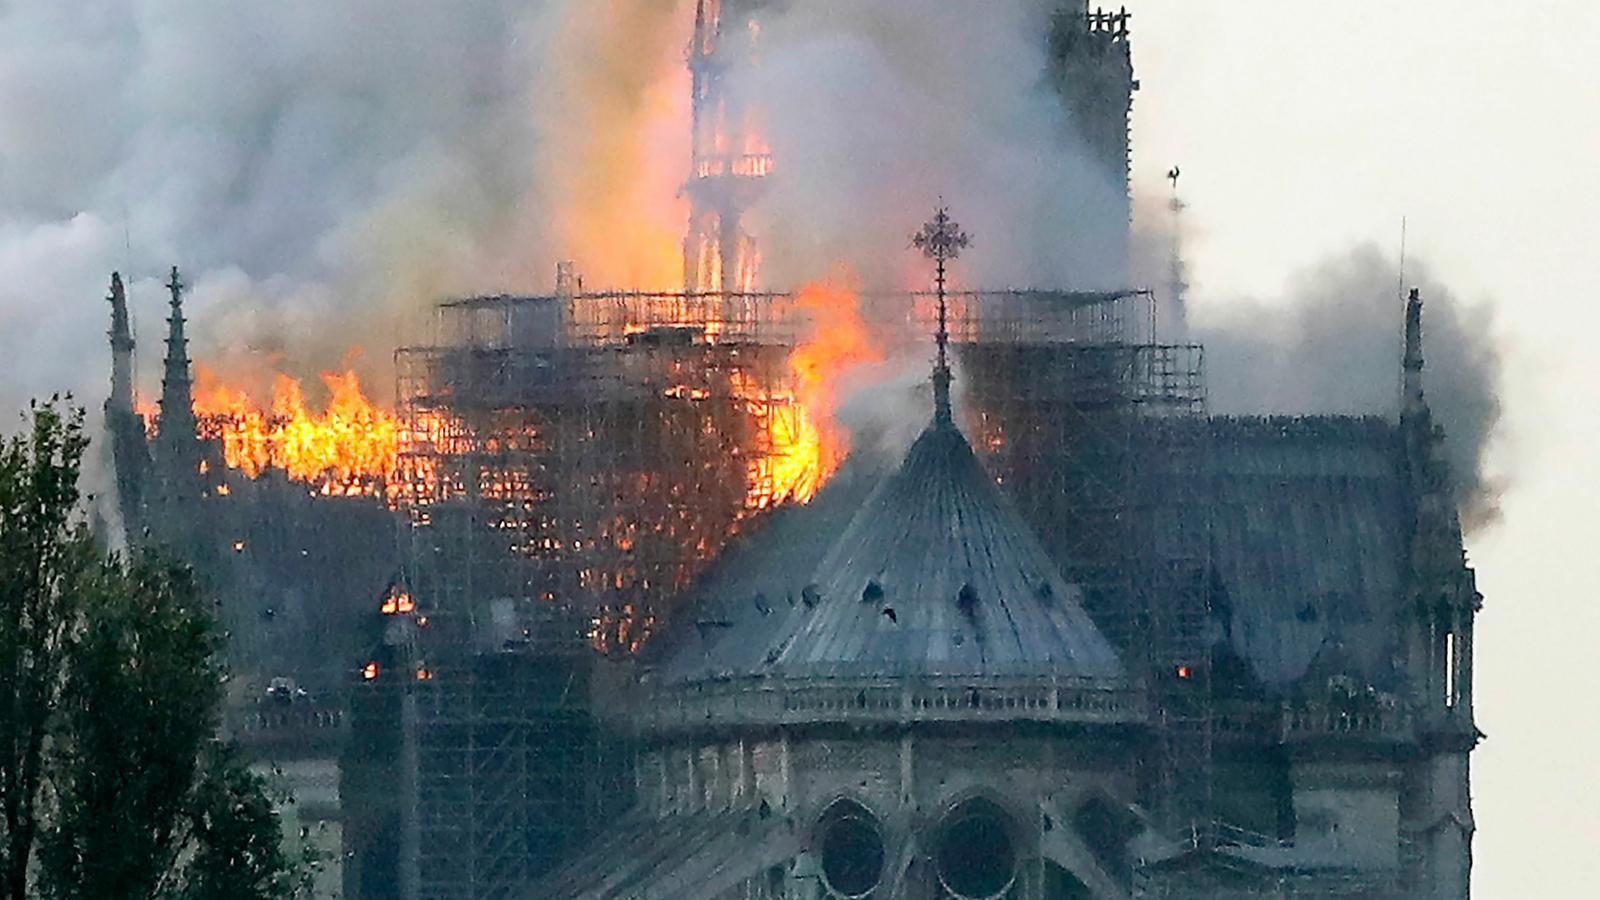 Els bombers confirmen que l'incendi a Notre-Dame està extingit